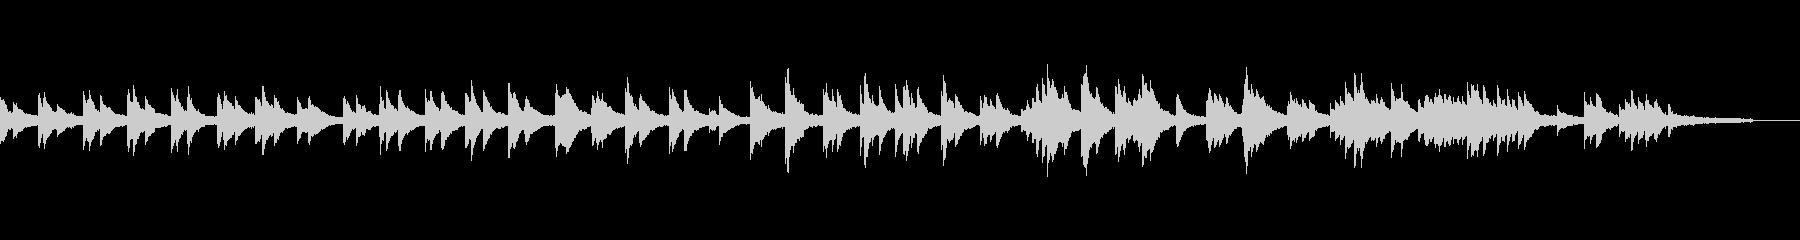 映像・ナレーション用ピアノ演奏(喜び)の未再生の波形